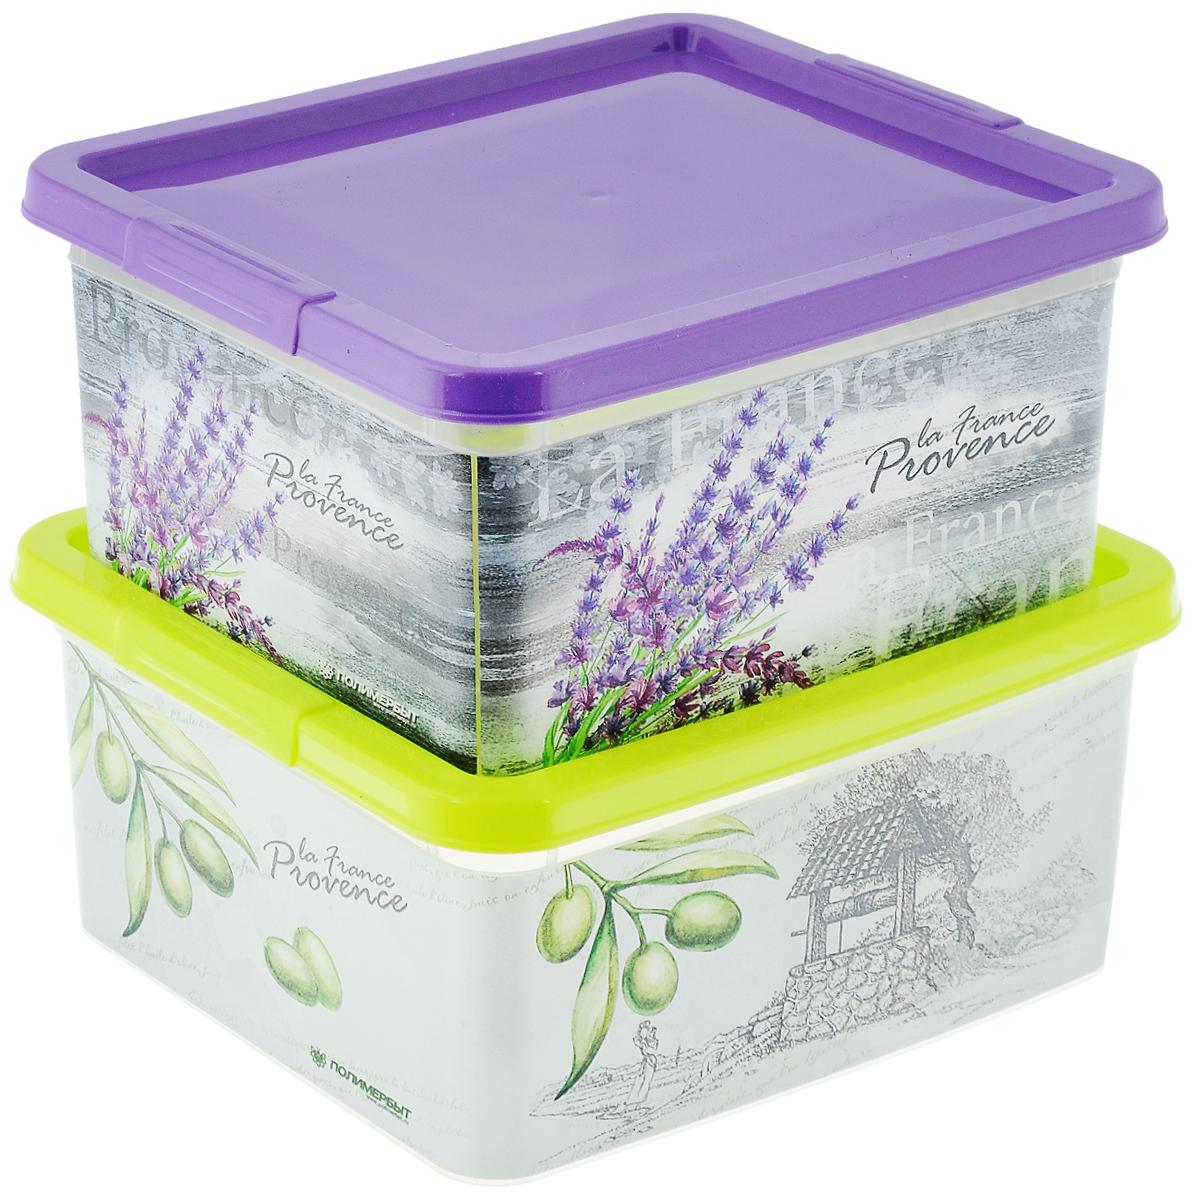 Набор контейнеров Полимербыт Прованс, 2 штSGHPBKP92Набор Полимербыт Прованс, состоящий из двух контейнеров, выполнен из высококачественного цветного пластика и декорирован оригинальными принтами. Изделия оснащены крышками. Контейнеры очень вместительные и помогут вам хранить все необходимые мелочи в одном месте. Размер контейнеров: 19 х 16 х 9 см.